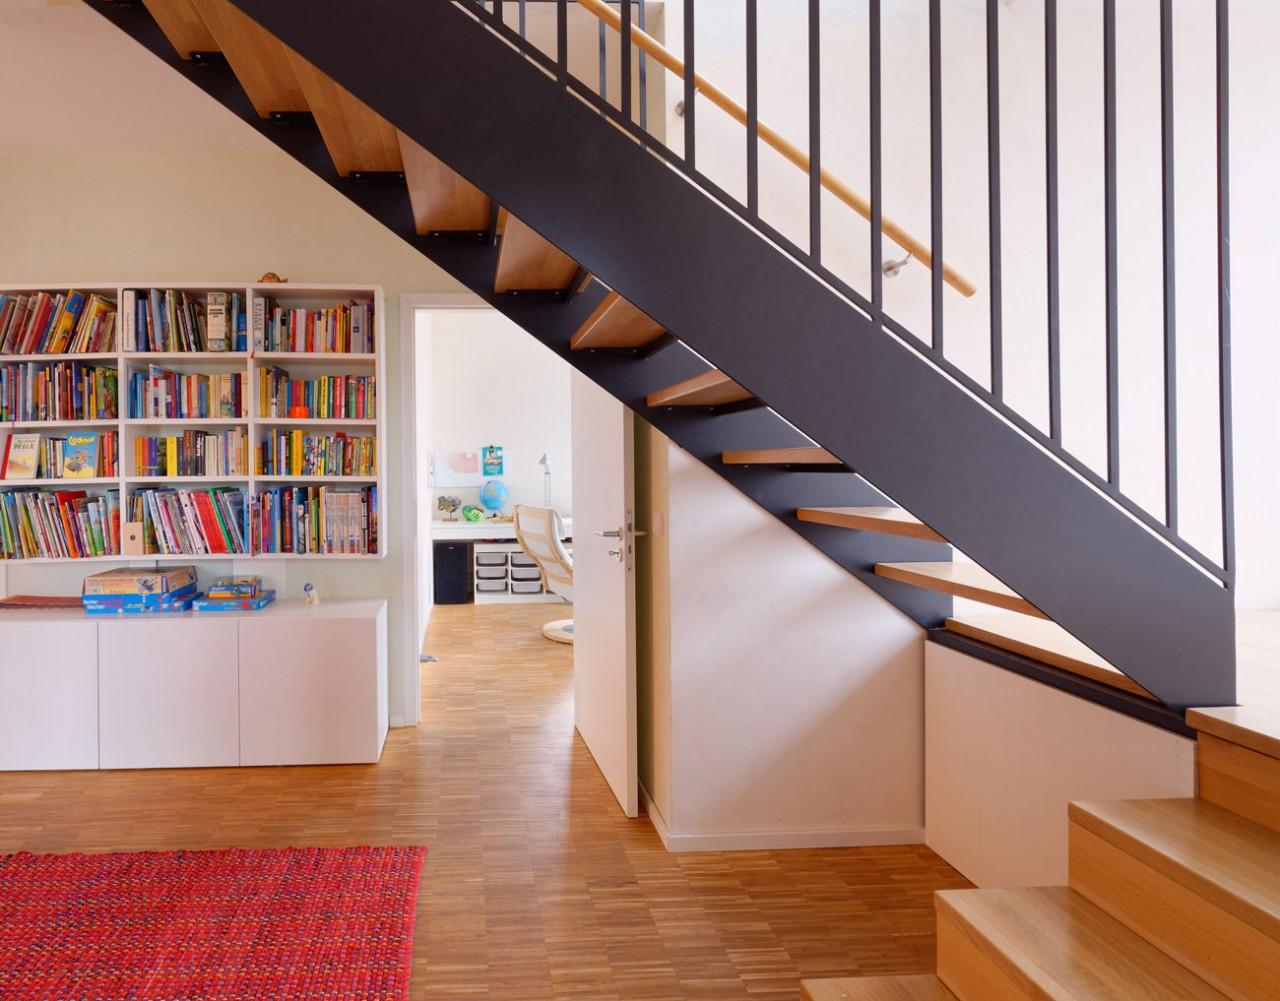 Drei Eins – Architektur- und Stadtplanungsbüro in Frankfurt // Baugruppe Ostend, Ffm